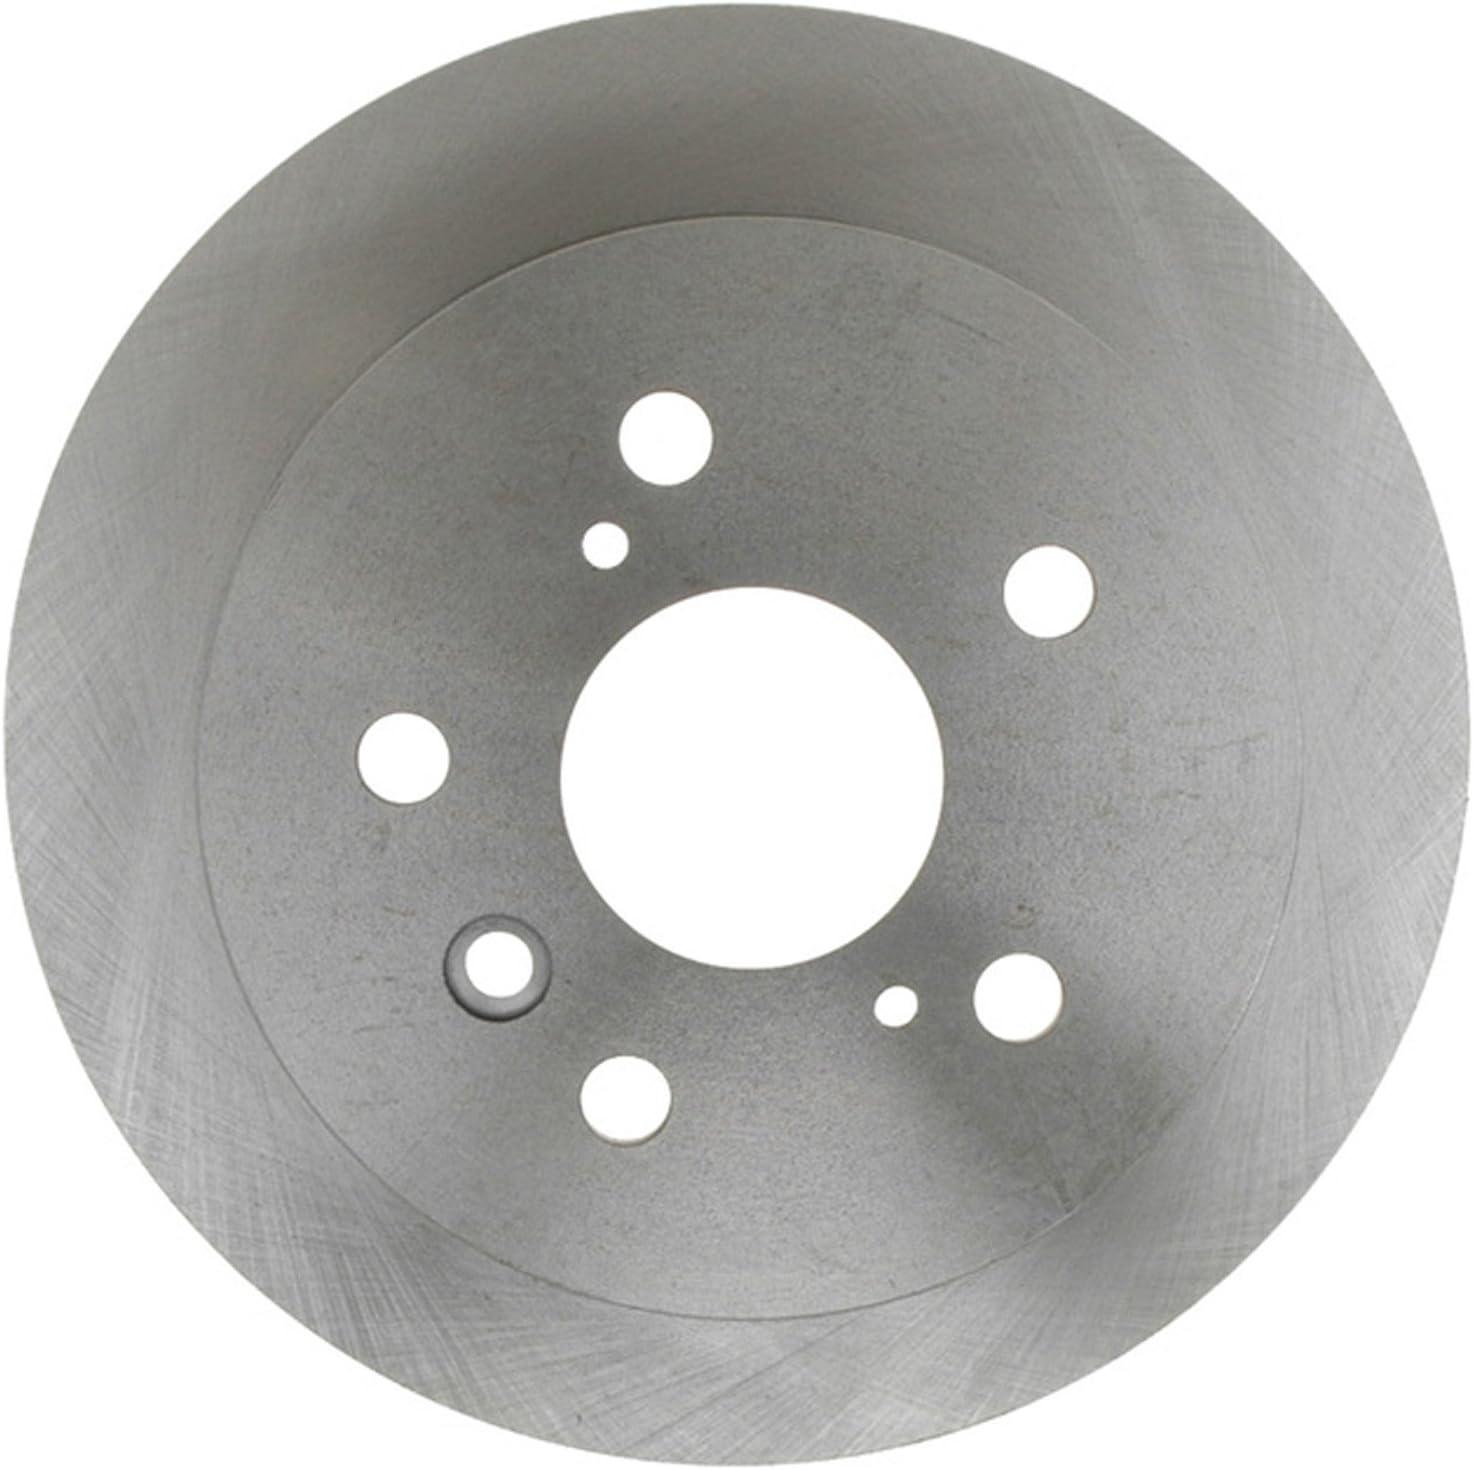 ACDelco 18A1604A Advantage Non-Coated Rear Disc Brake Rotor